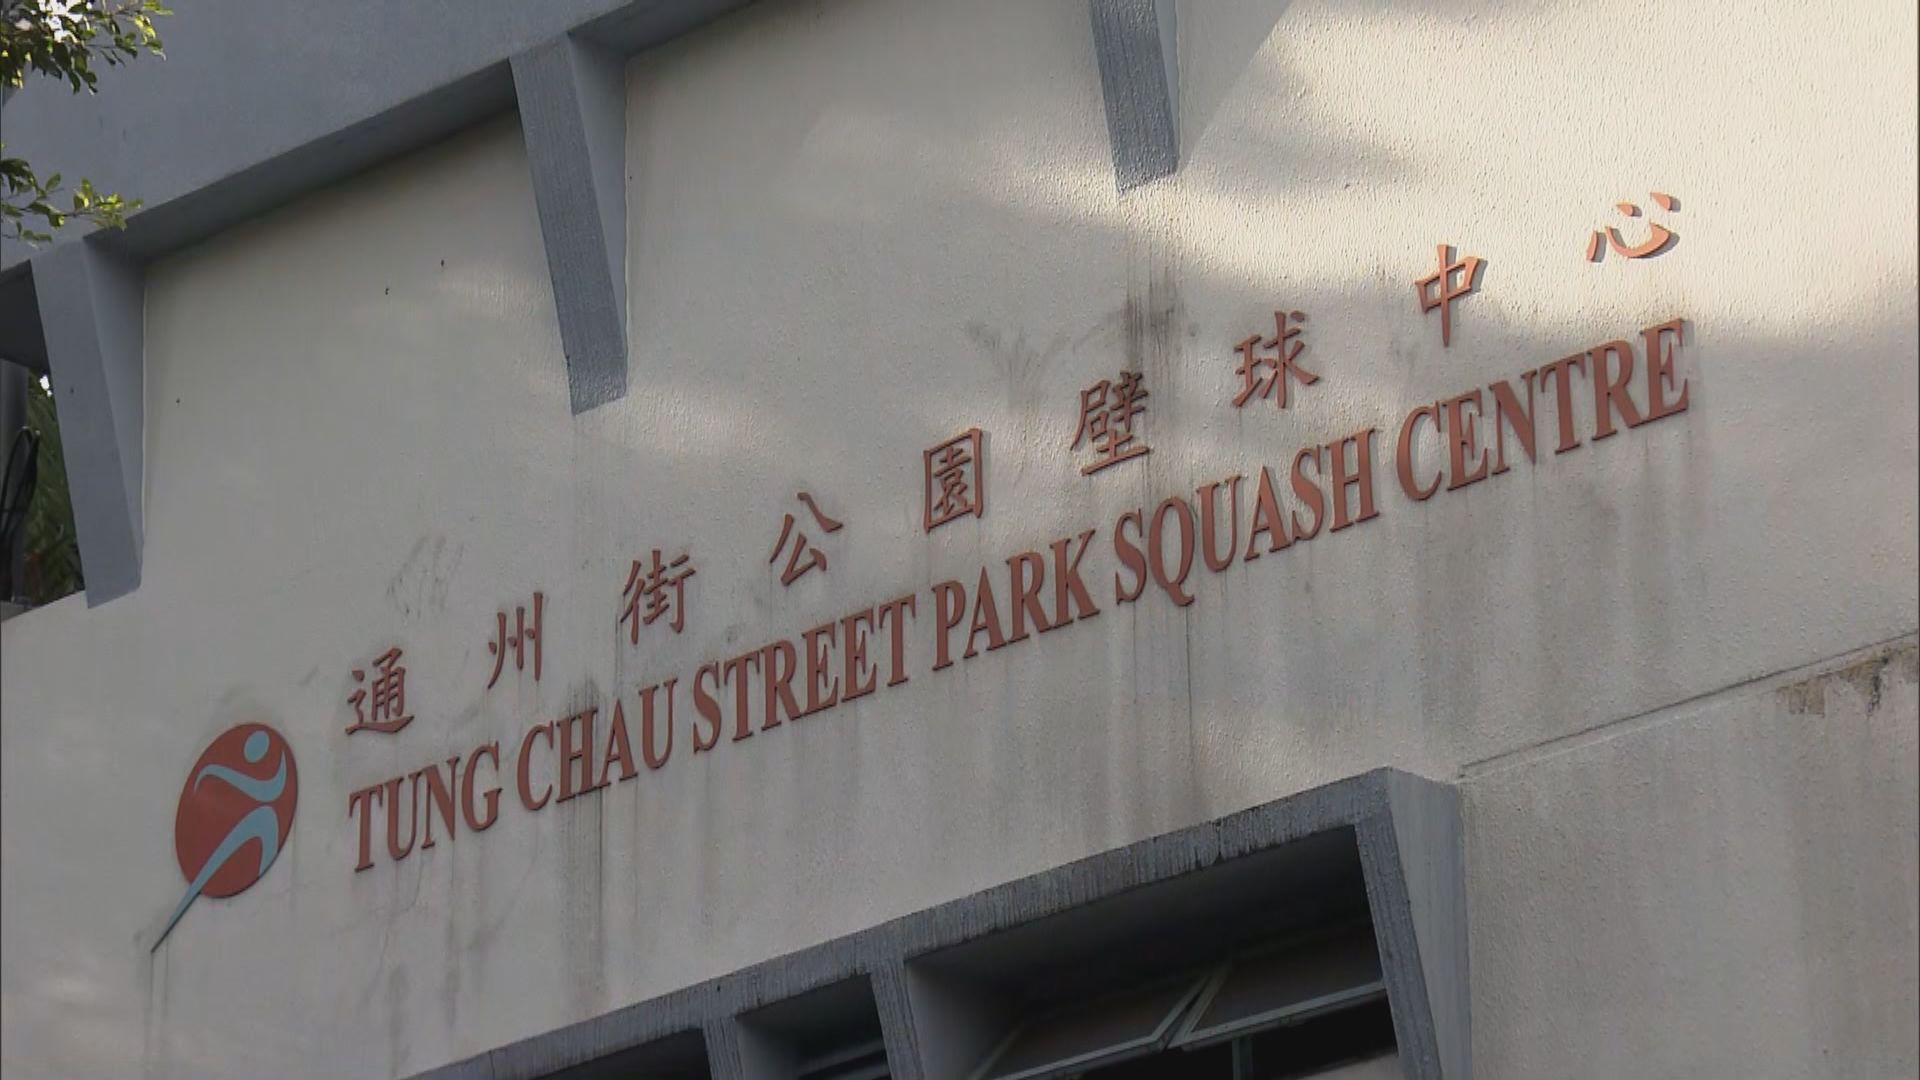 深水埗通州街公園壁球中心員工確診 即時關閉